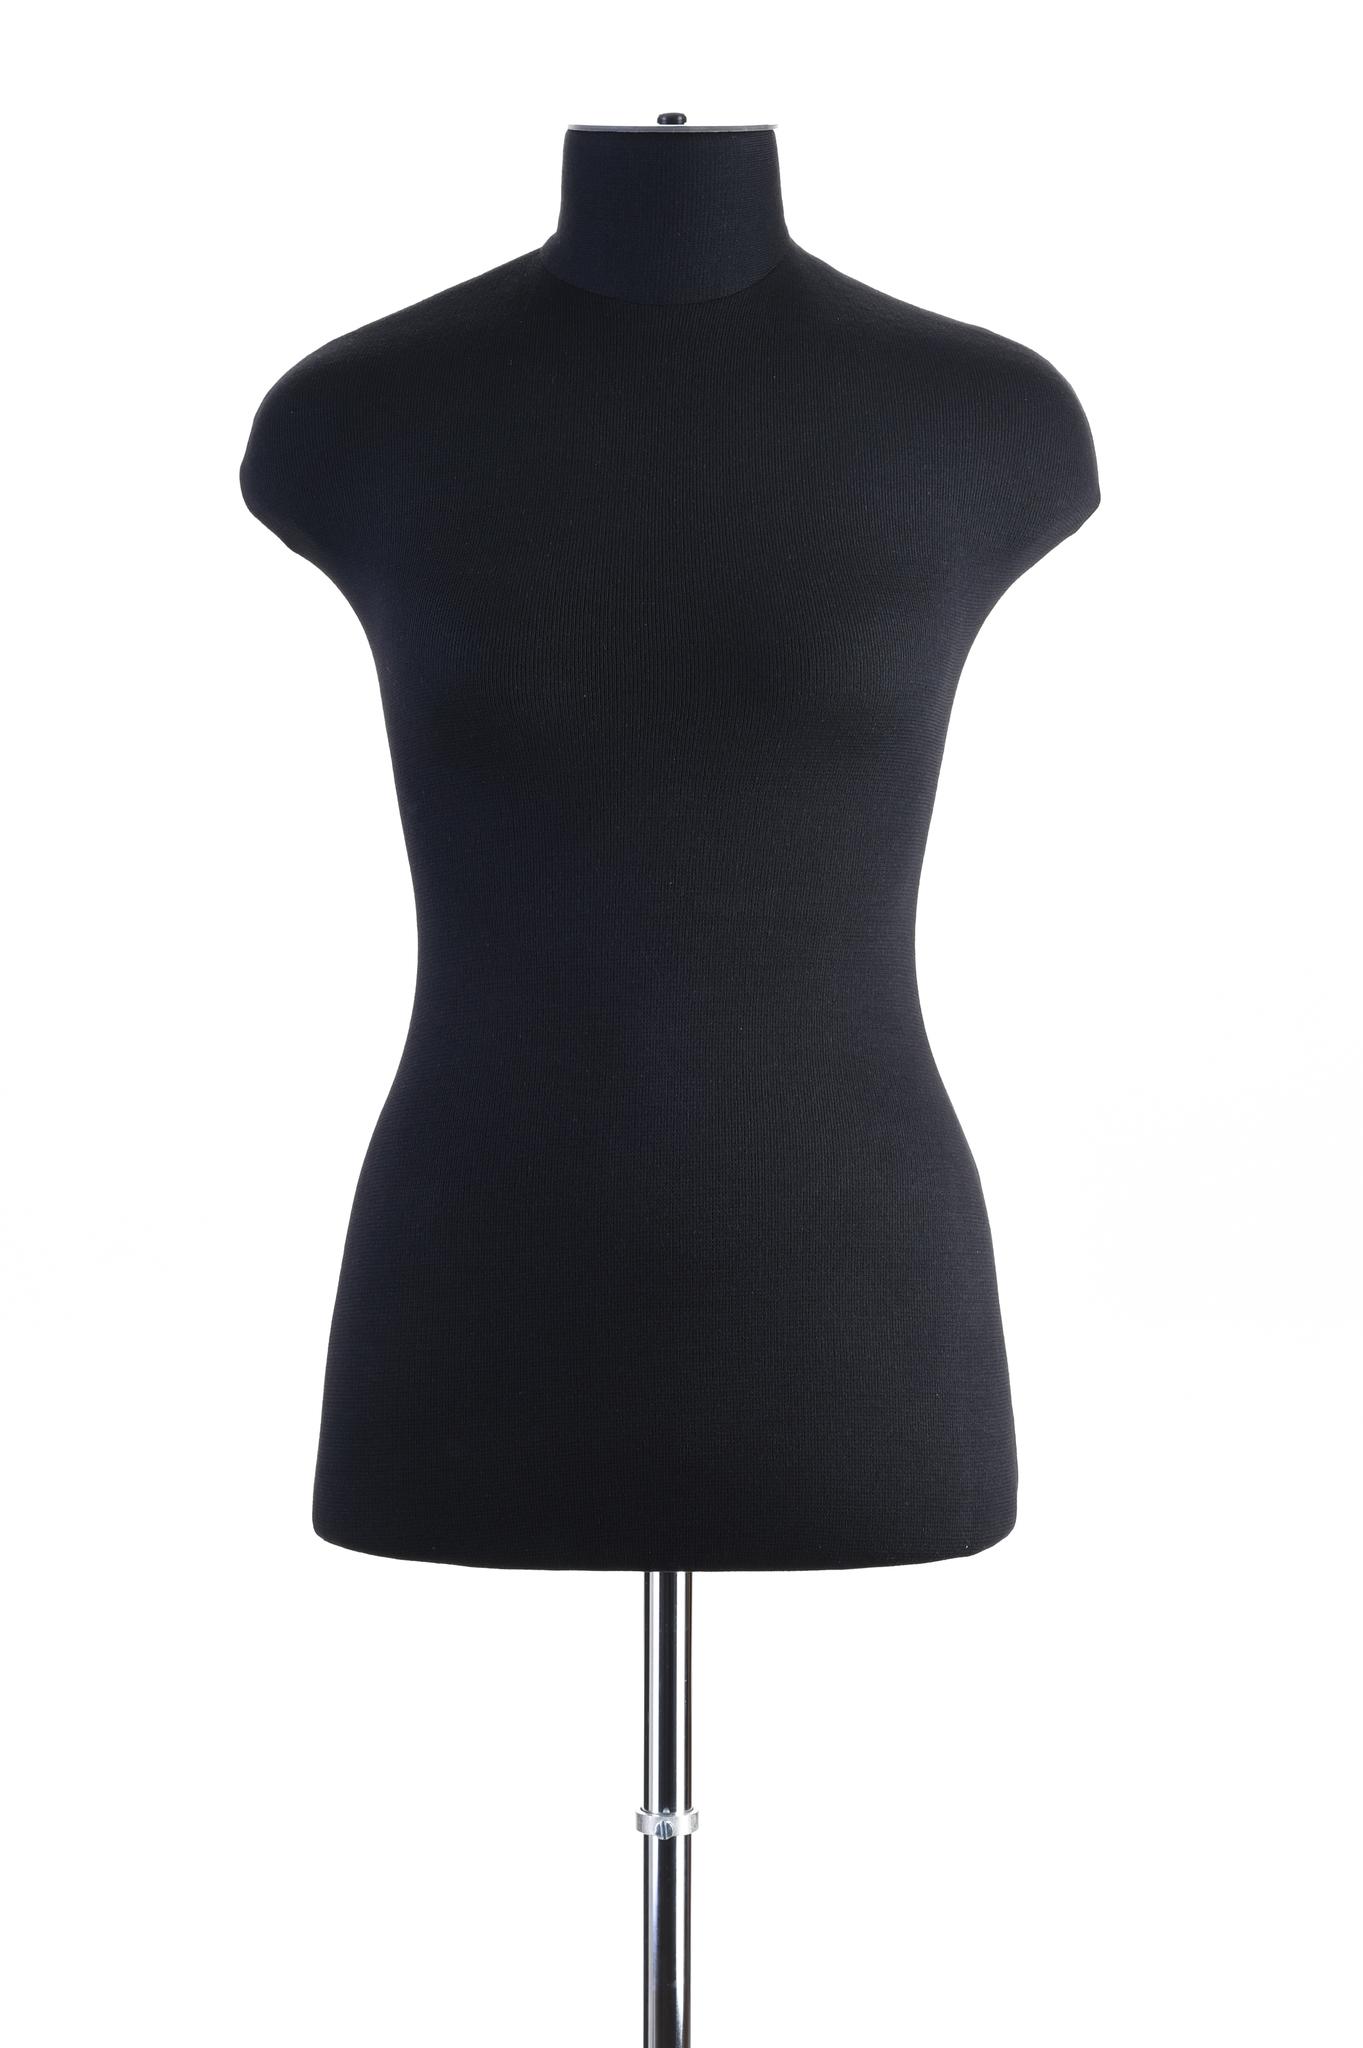 Манекен женский из эластичного пенополиуритана 44 размер (черный цвет)